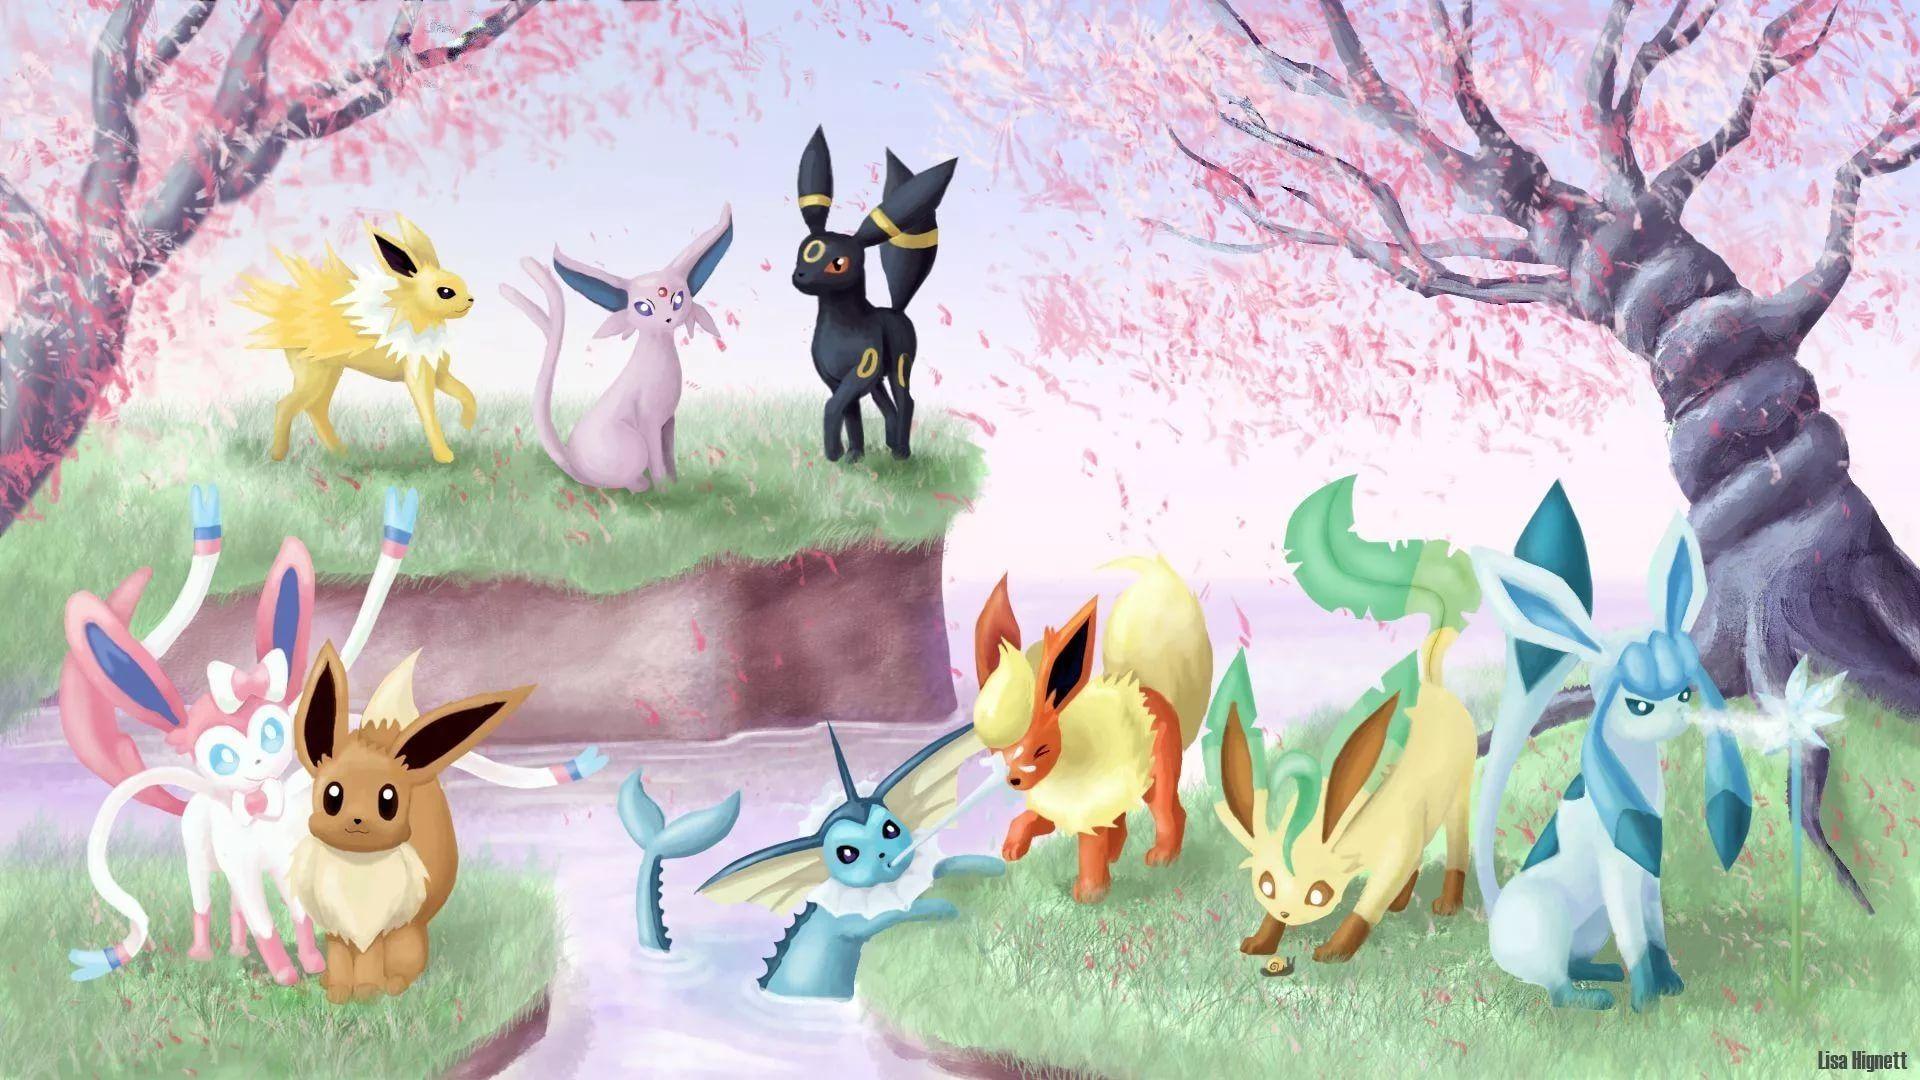 Eevee Evolution wallpaper theme